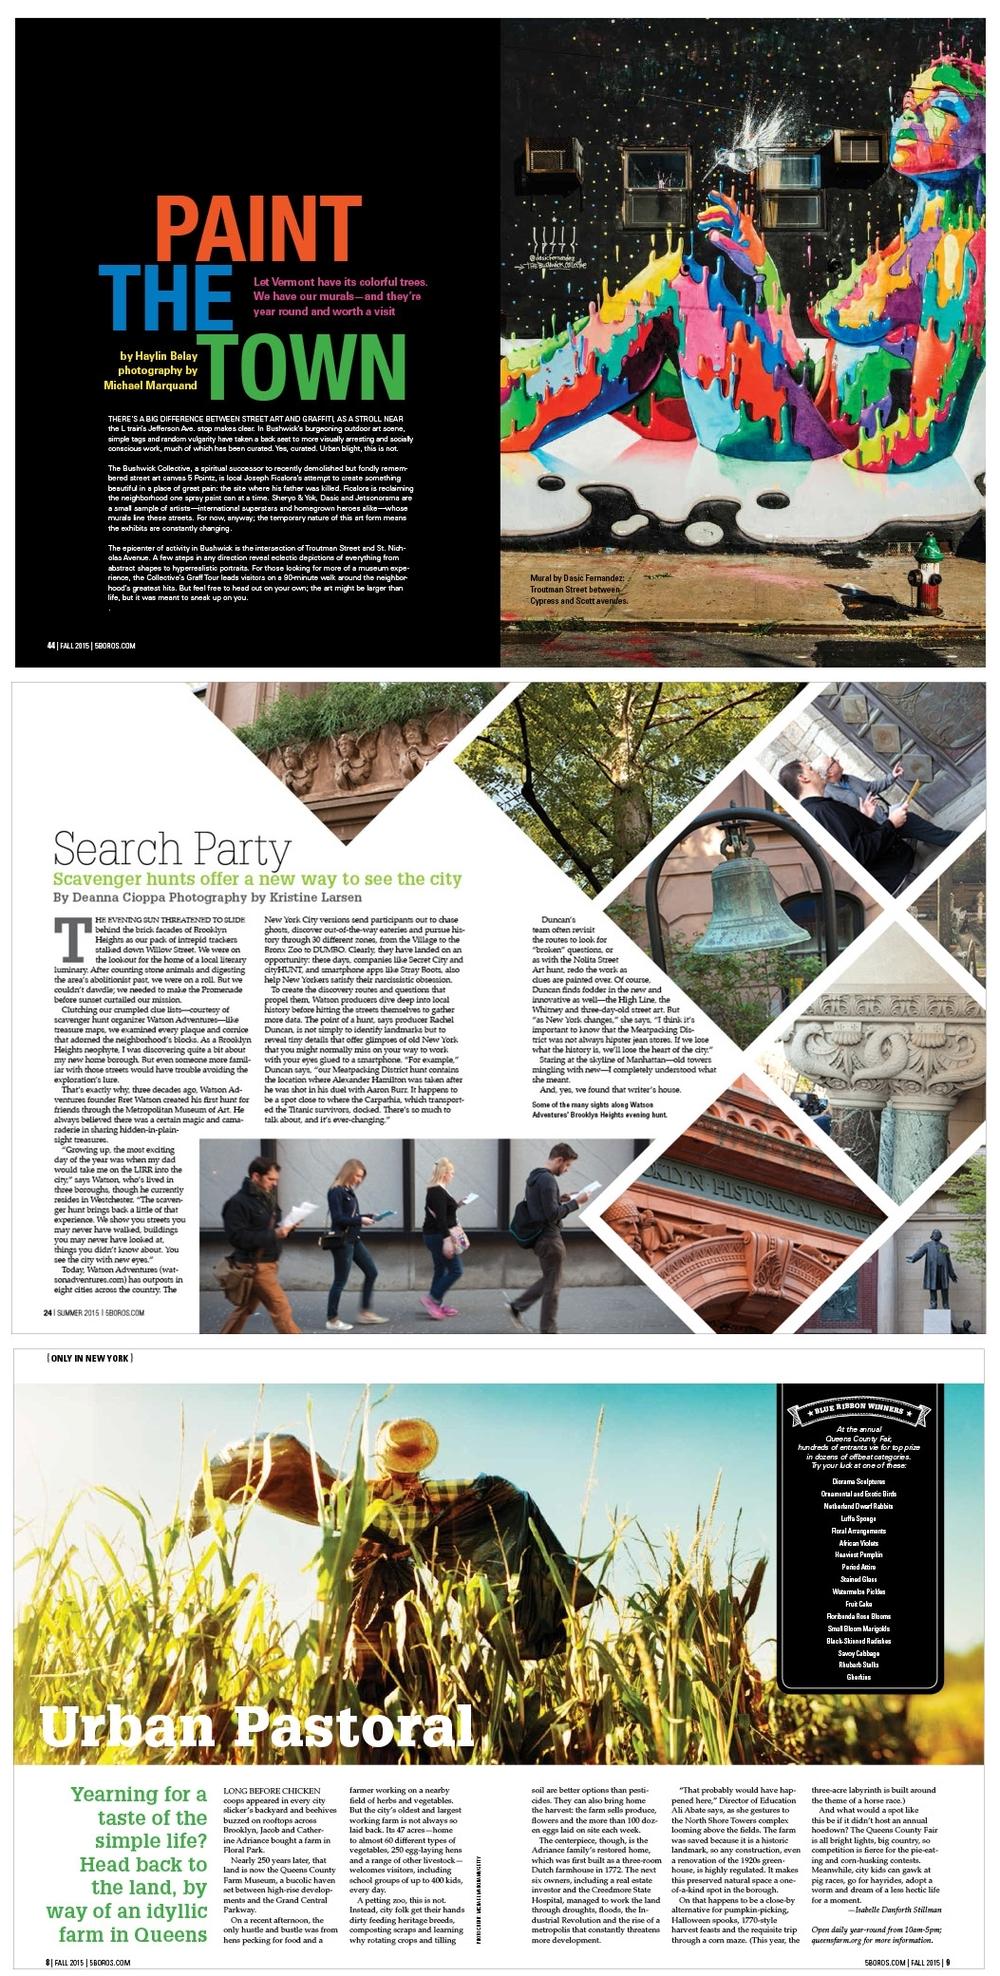 5Boros stuff for website22.jpg